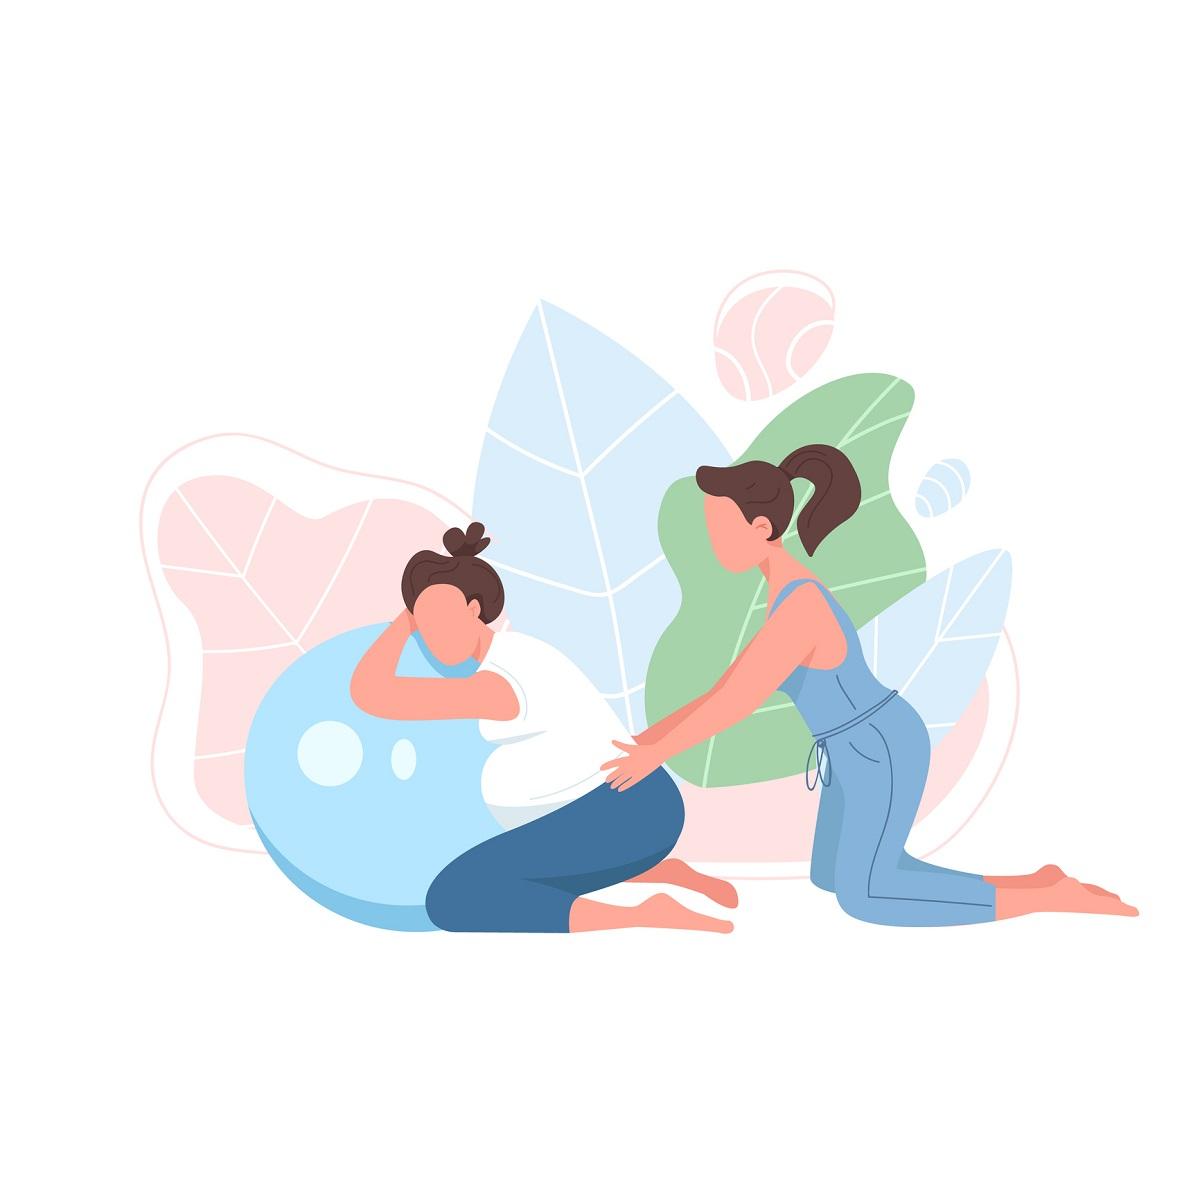 Podpora pri pôrode pôrodnou dulou. Dve ženy